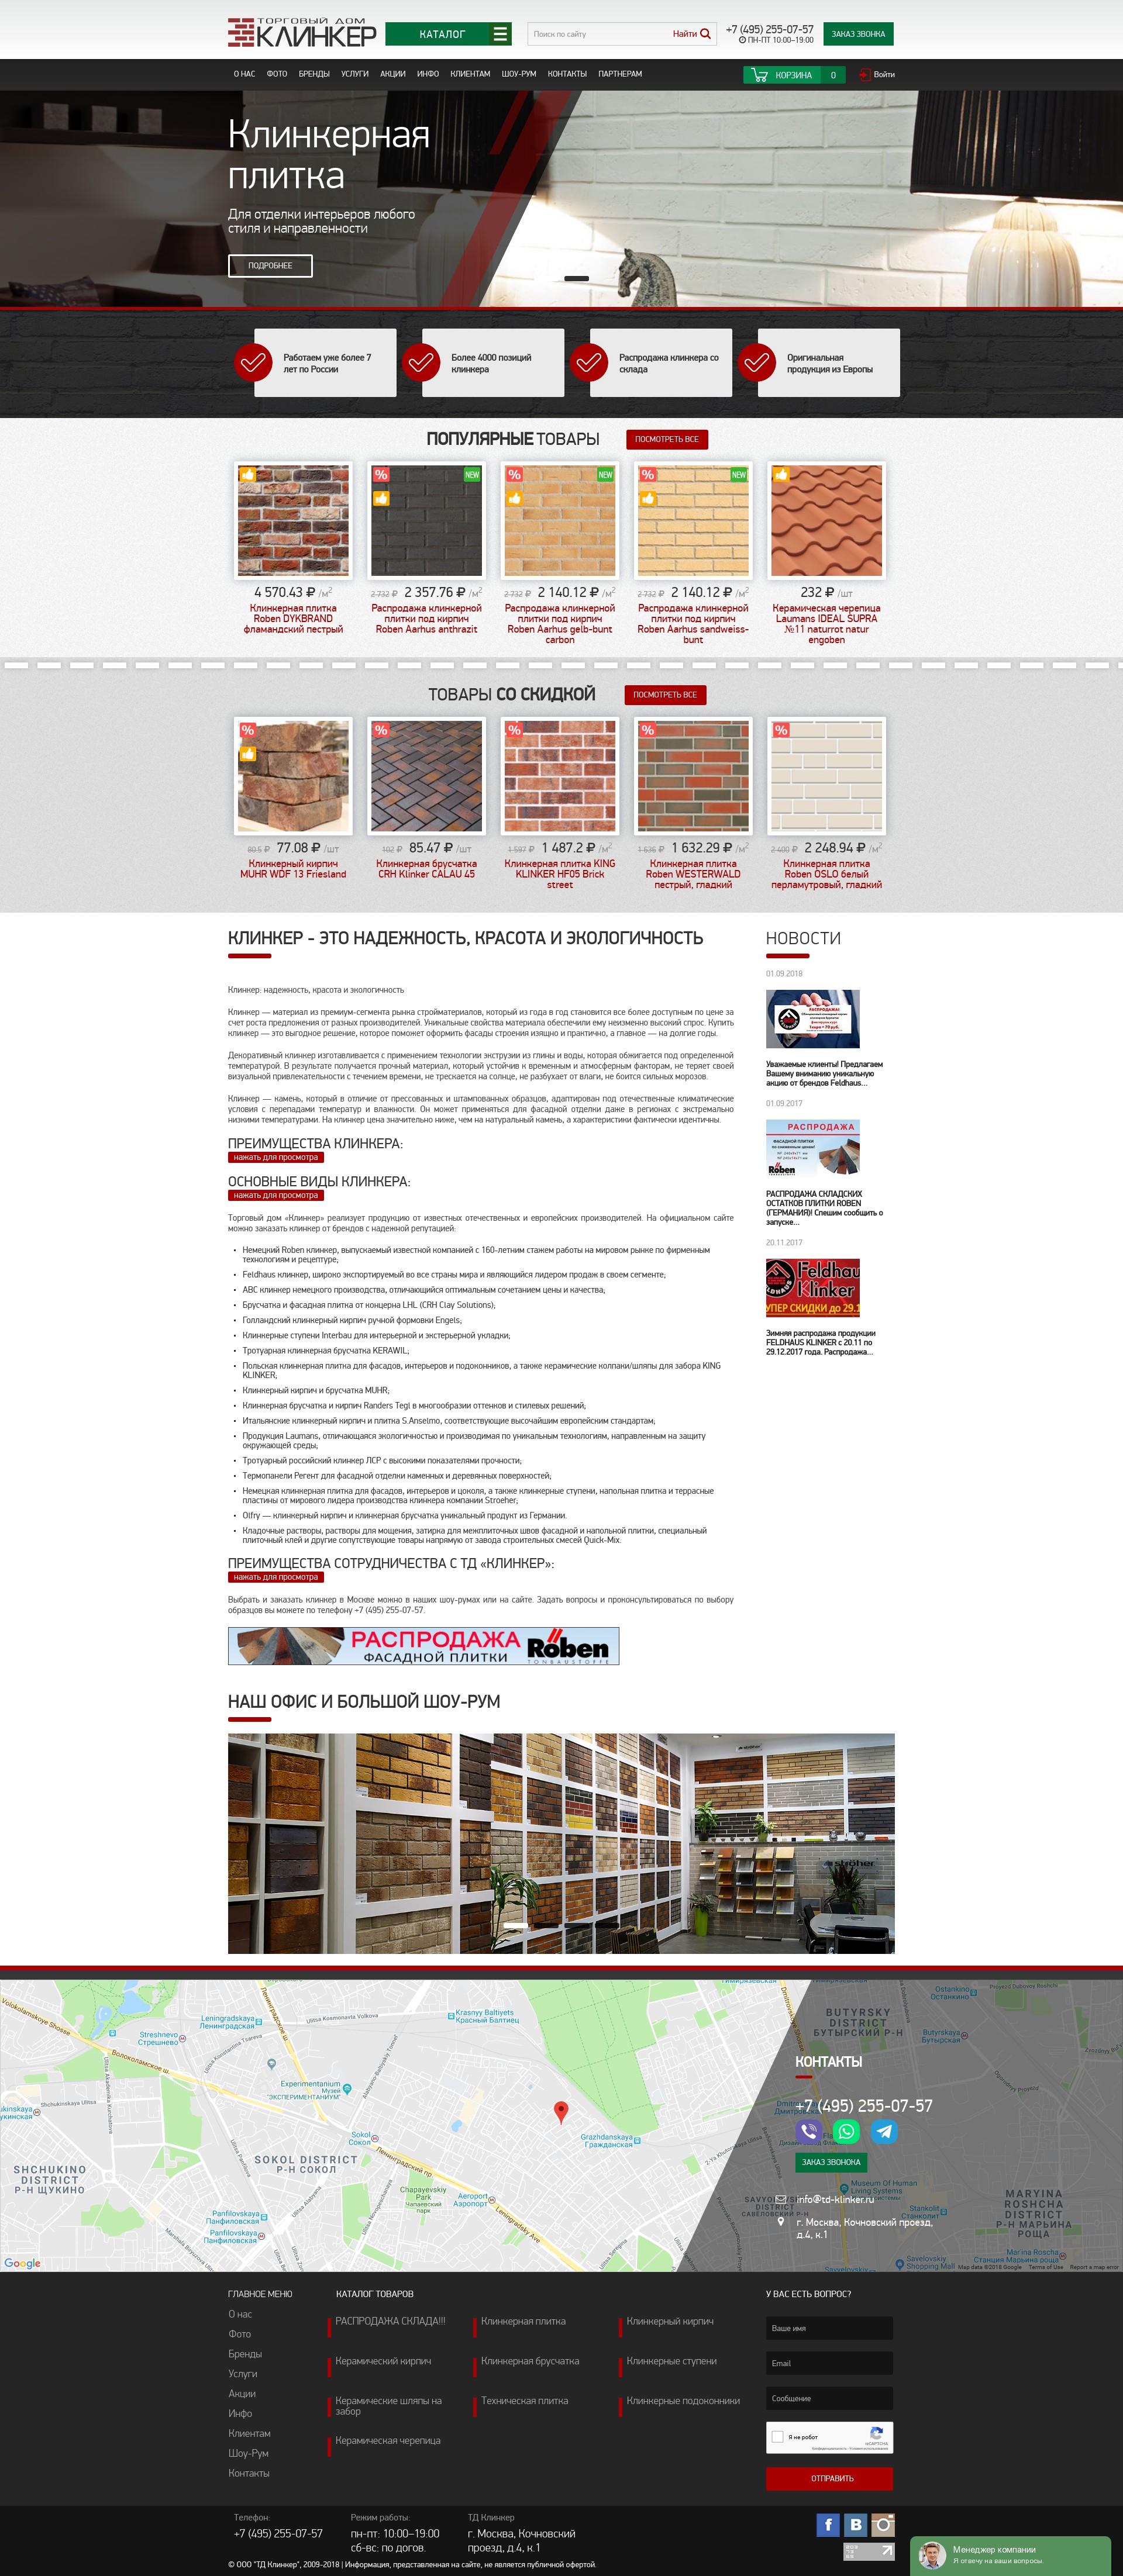 Дизайн интернет магазина по продаже керамической плитки и кирпичей